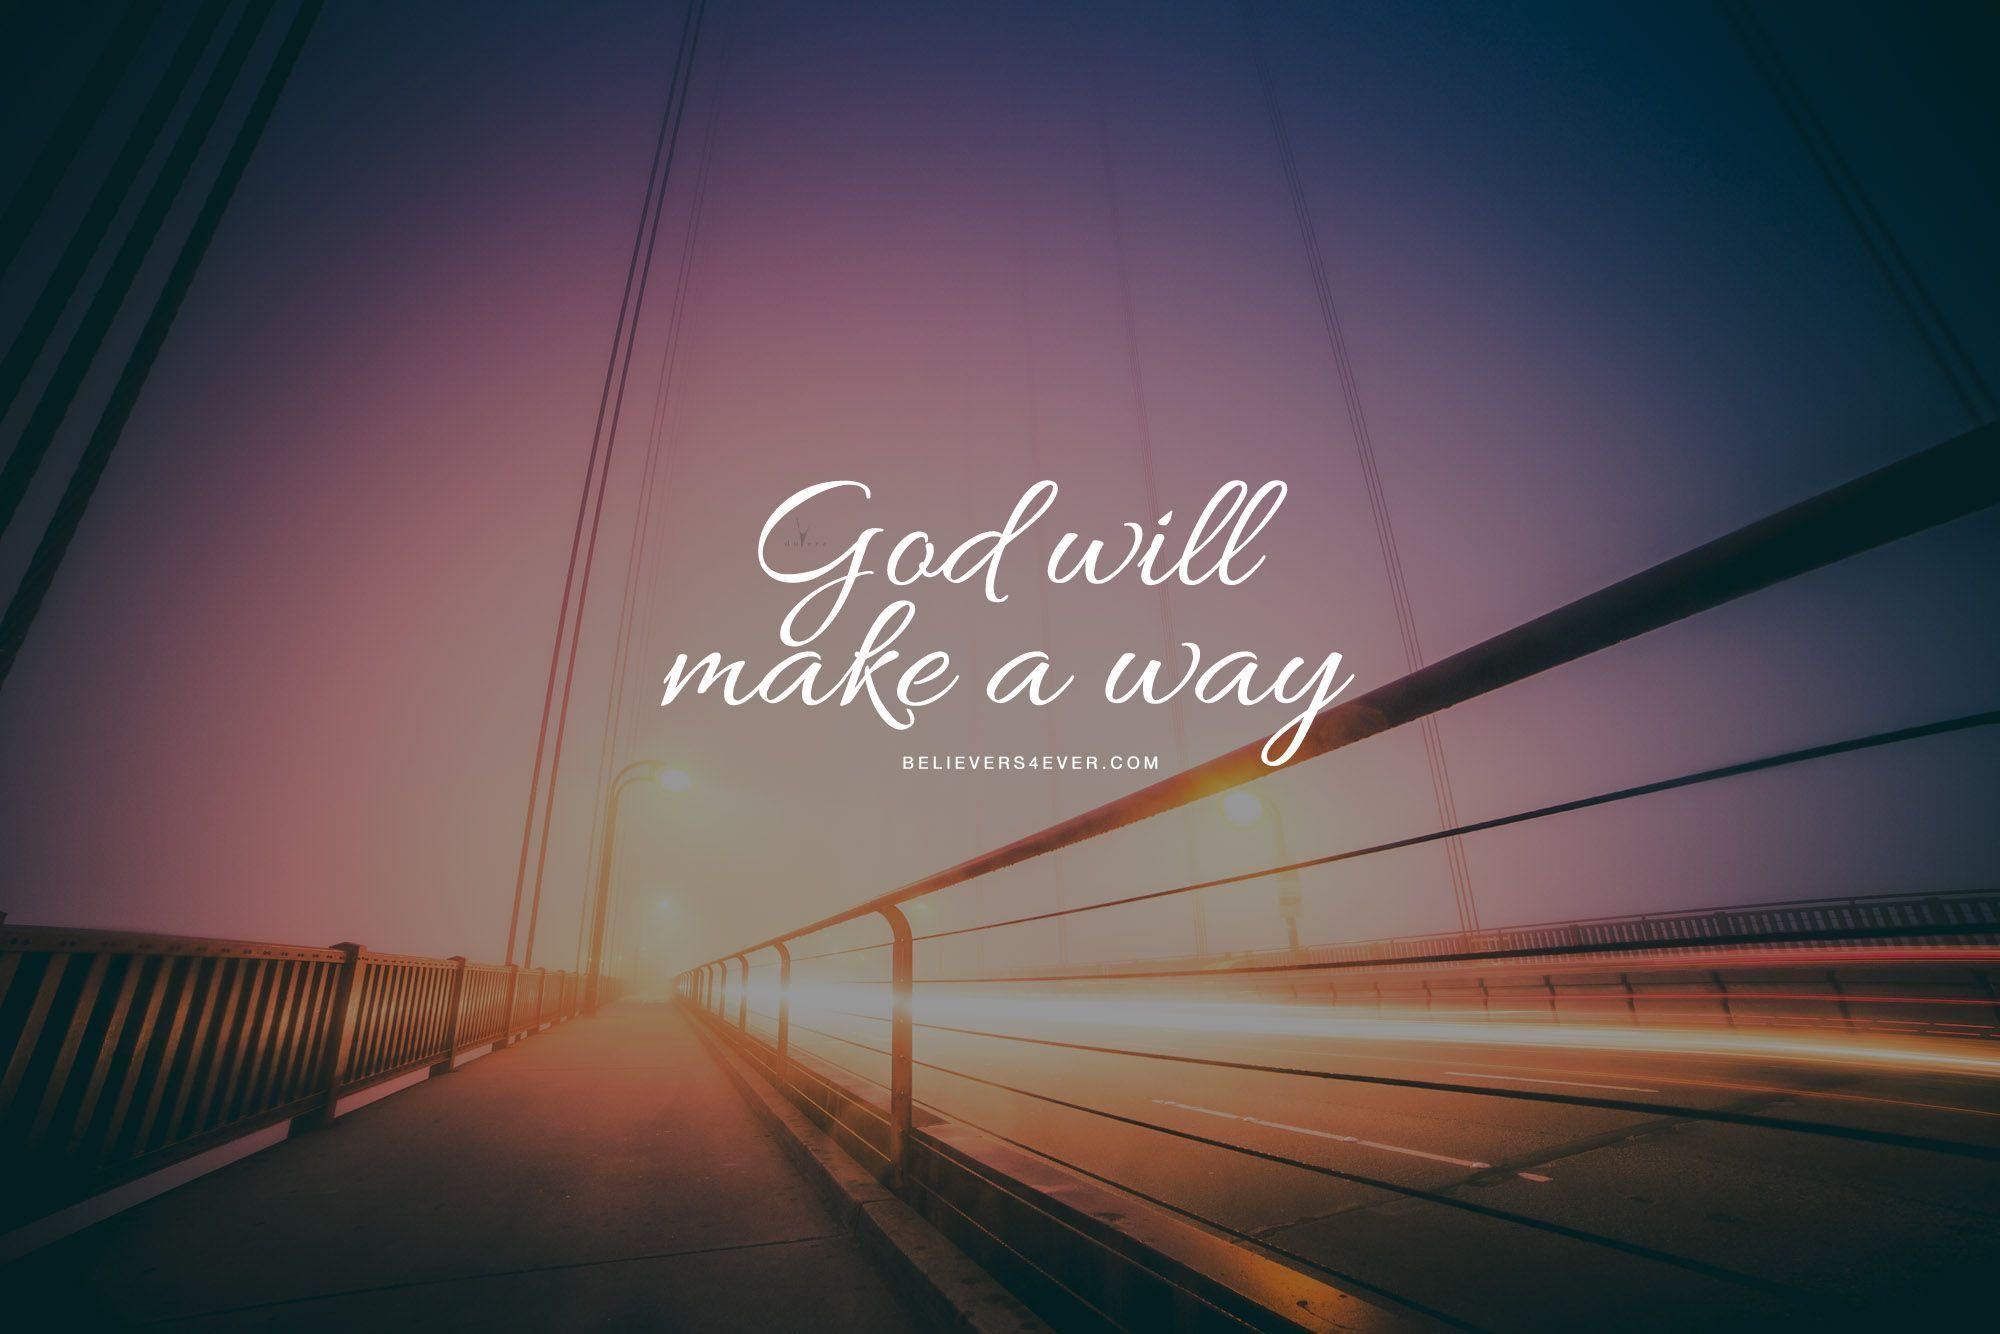 God Will Make A Way Https I Pinimg Com Originals 2b 7c 94 2b7c94276846442c94a8a3243018d173 Jp Wallpaper Bible Bible Verse Wallpaper Desktop Wallpaper Quotes